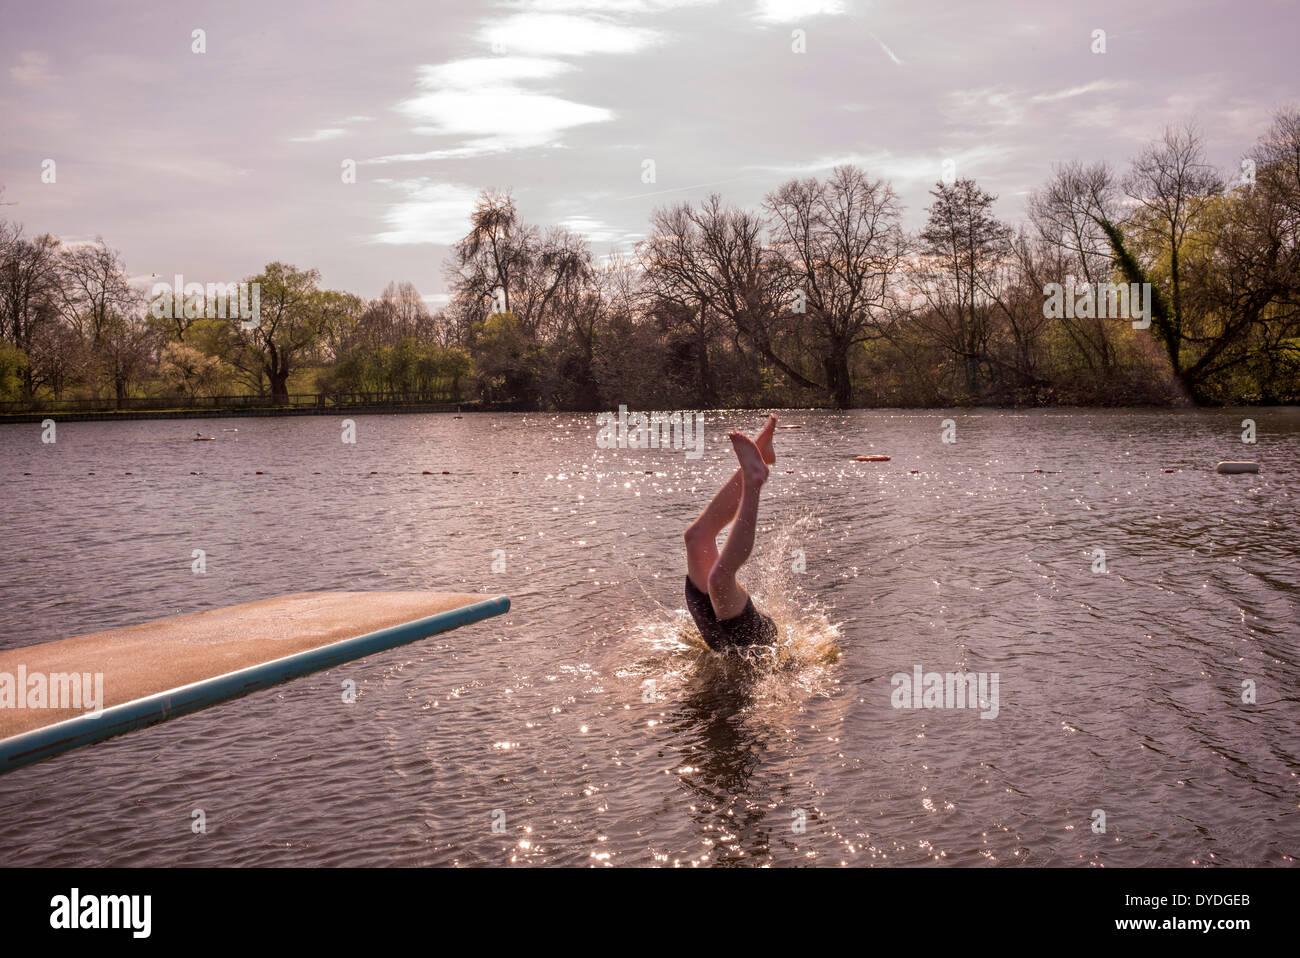 Ein junger Mann im Frühling Süßwasser Teichen schwimmen. Stockfoto